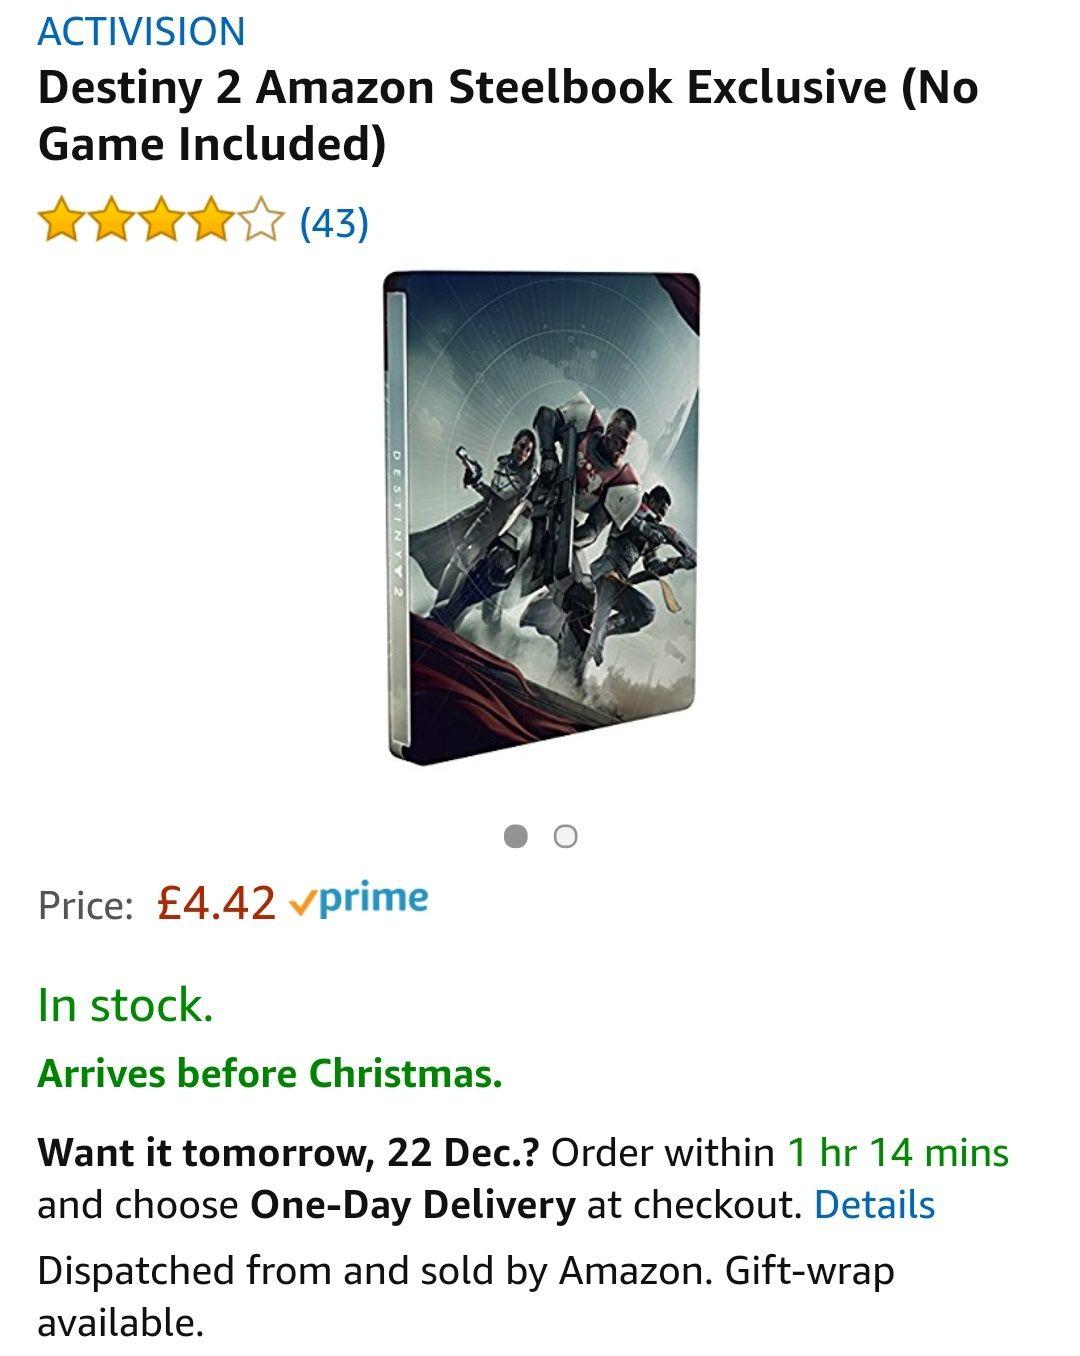 Destiny 2 Steelbook (NO GAME) £4.42 Prime // £6.41 Non-Prime - Amazon